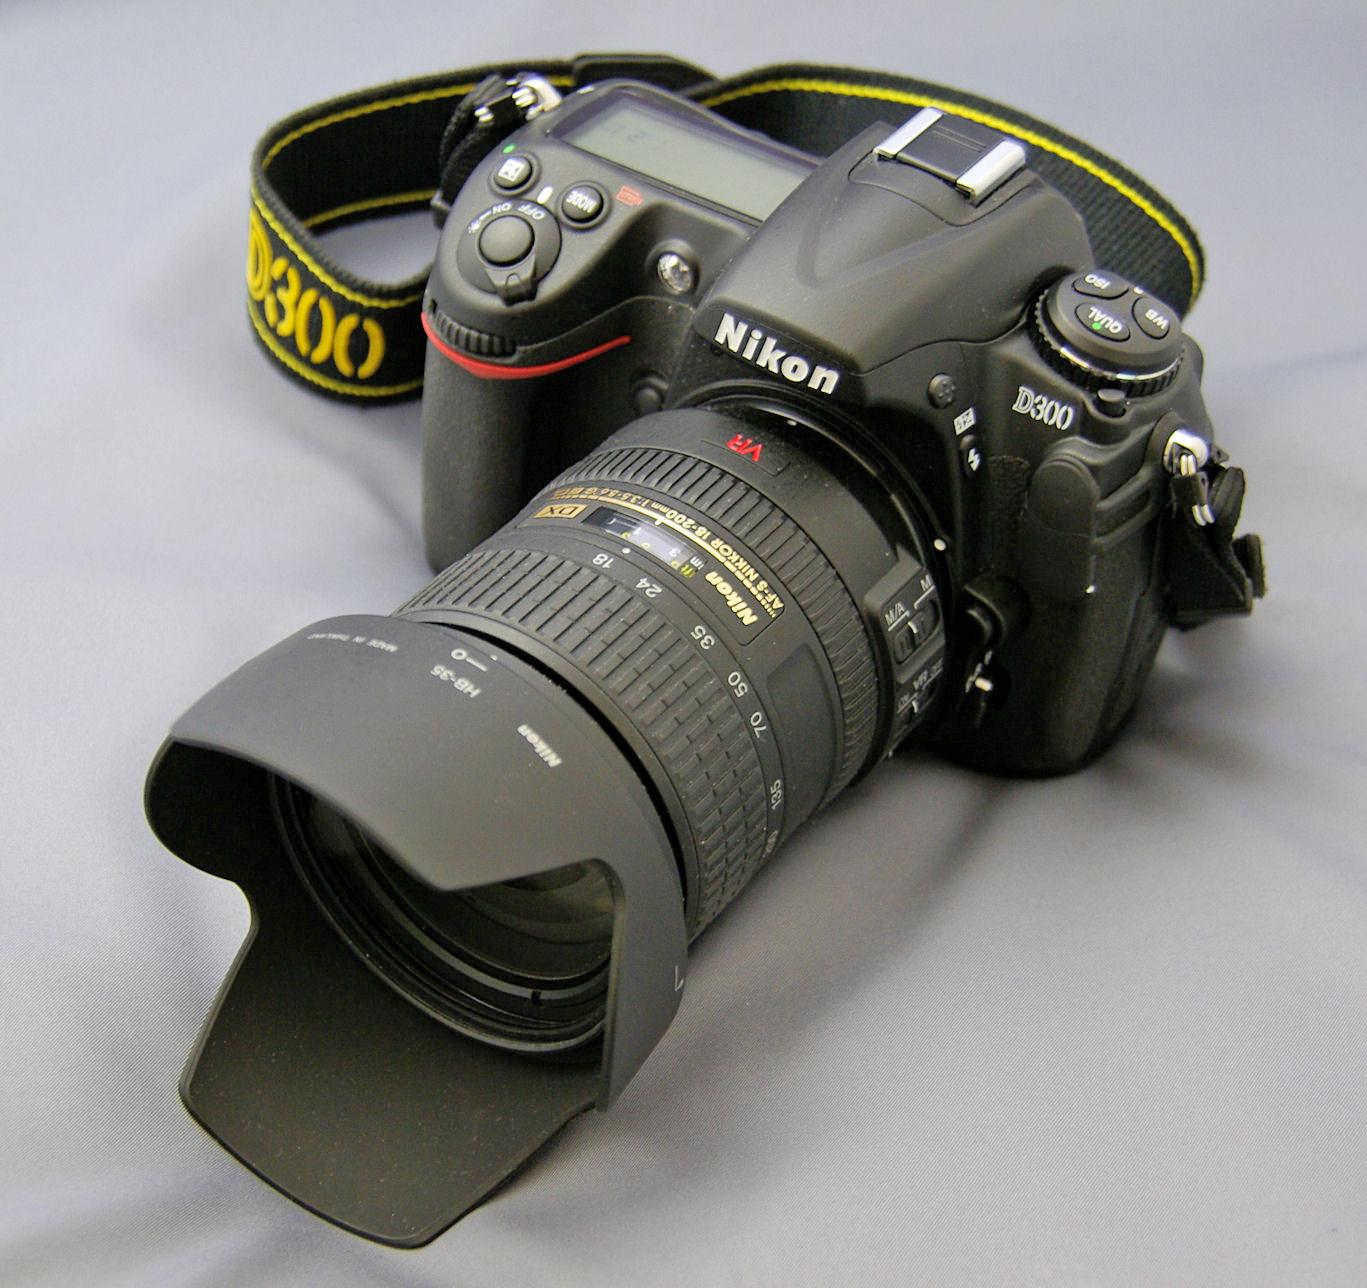 Lens 200mm Nikkor 18-200mm vr Lens